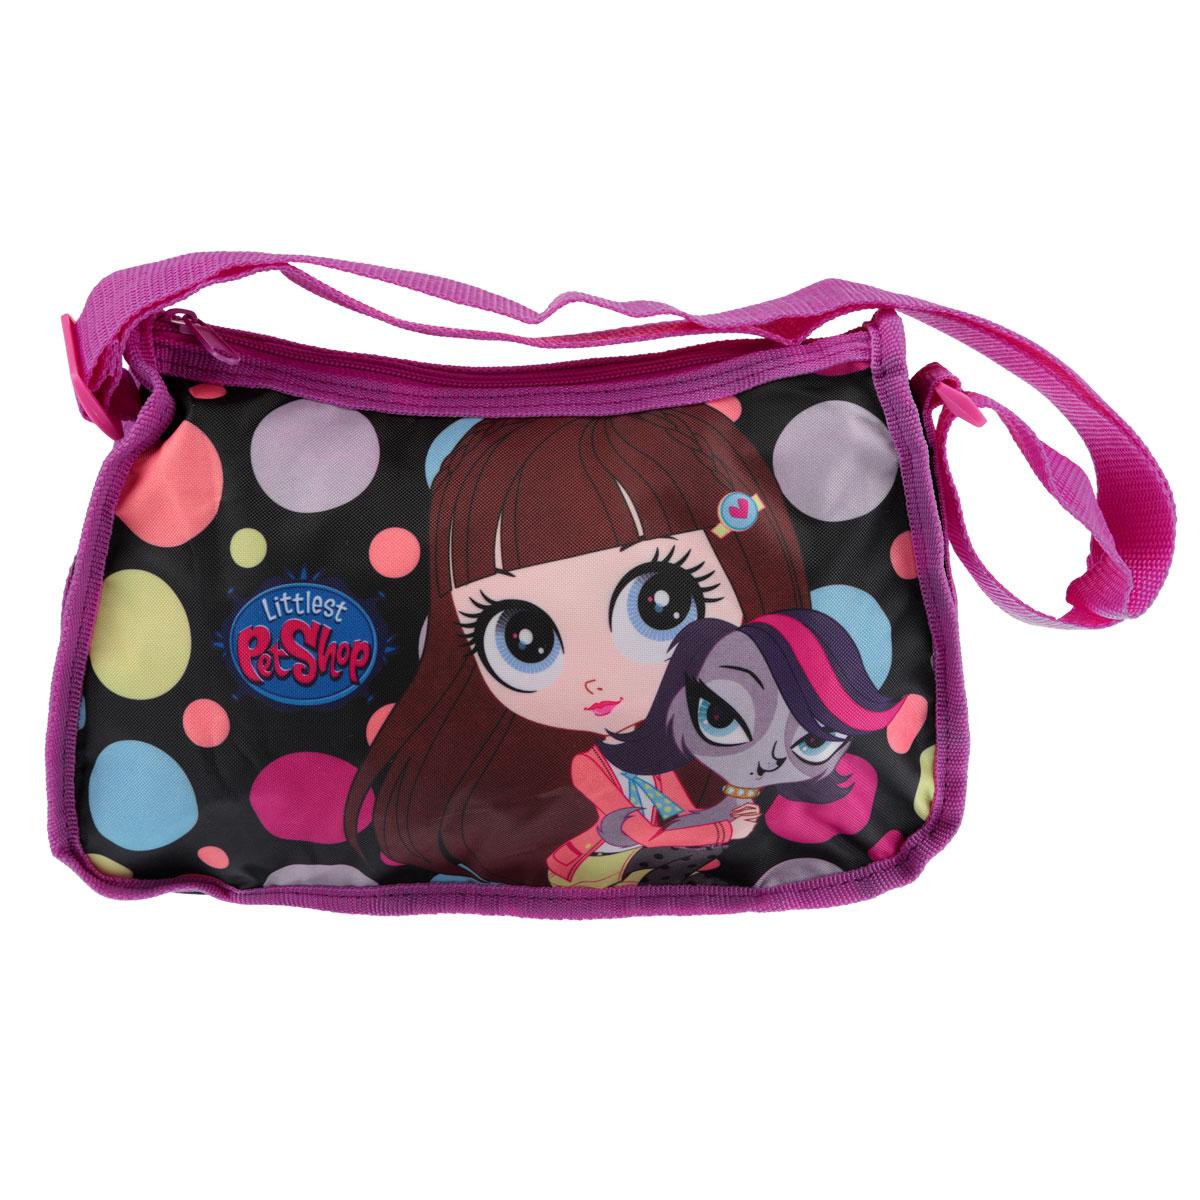 """Сумочка детская """"Littlest Pet Shop"""", цвет: розовый, черный LPCB-UT3-4014"""